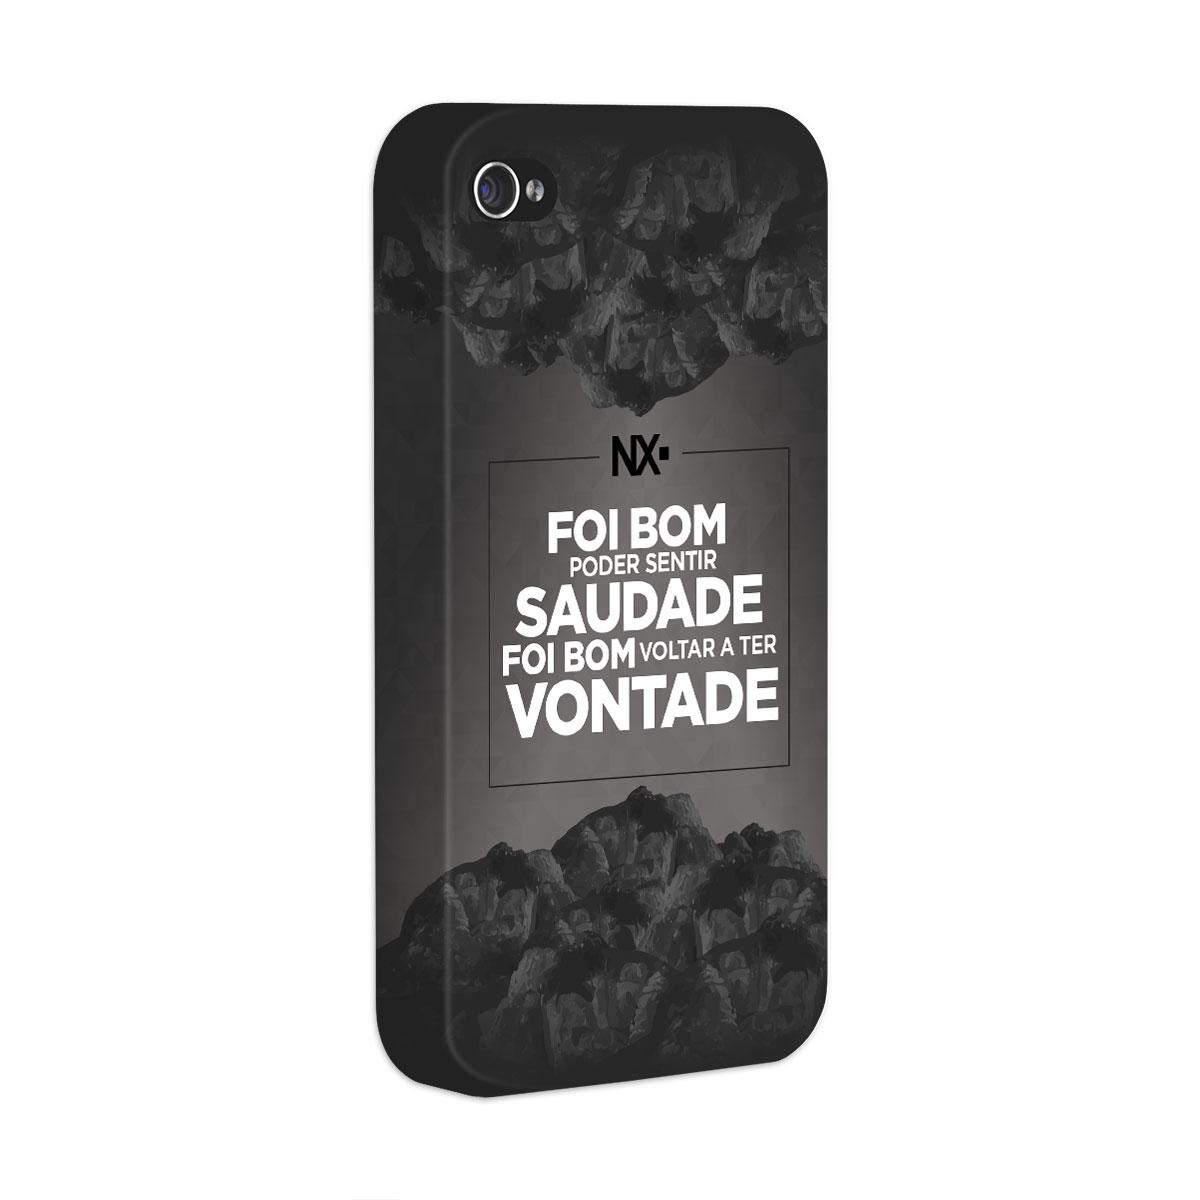 Capa para iPhone 4/4S NXZero Voltar a Ter Vontade